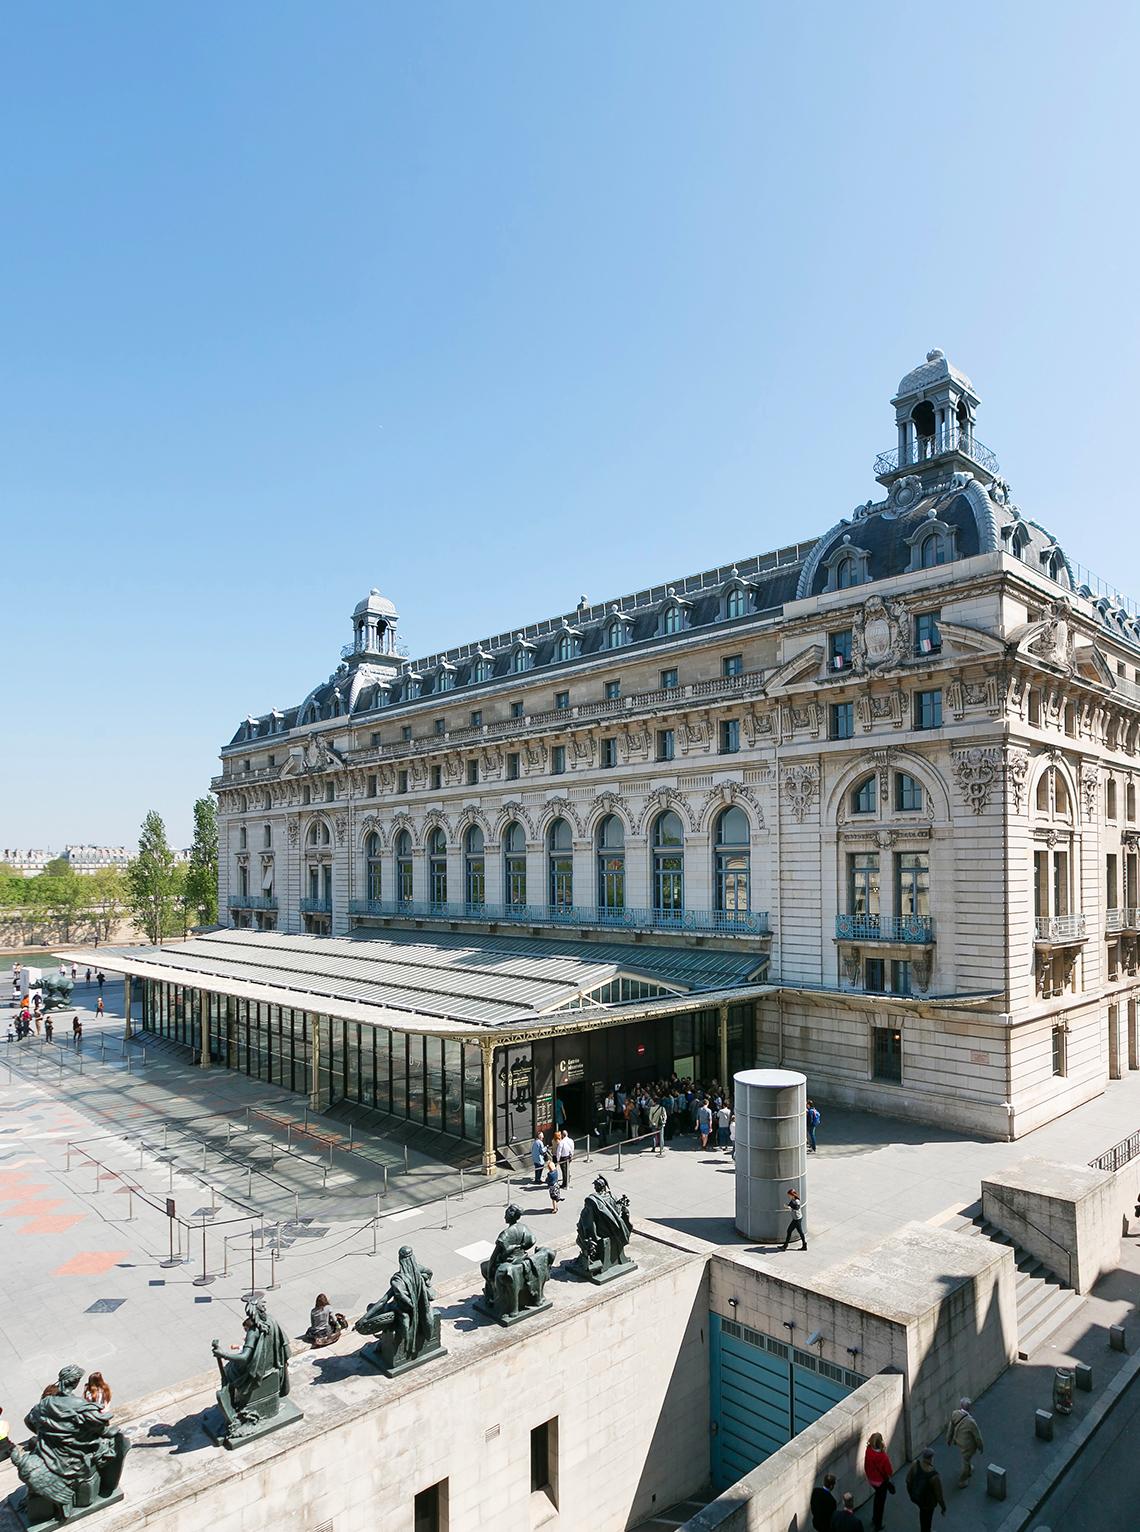 Kasha Paris Real Estate Rive Gauche Saint-Germain-des-Prés 75007 Paris